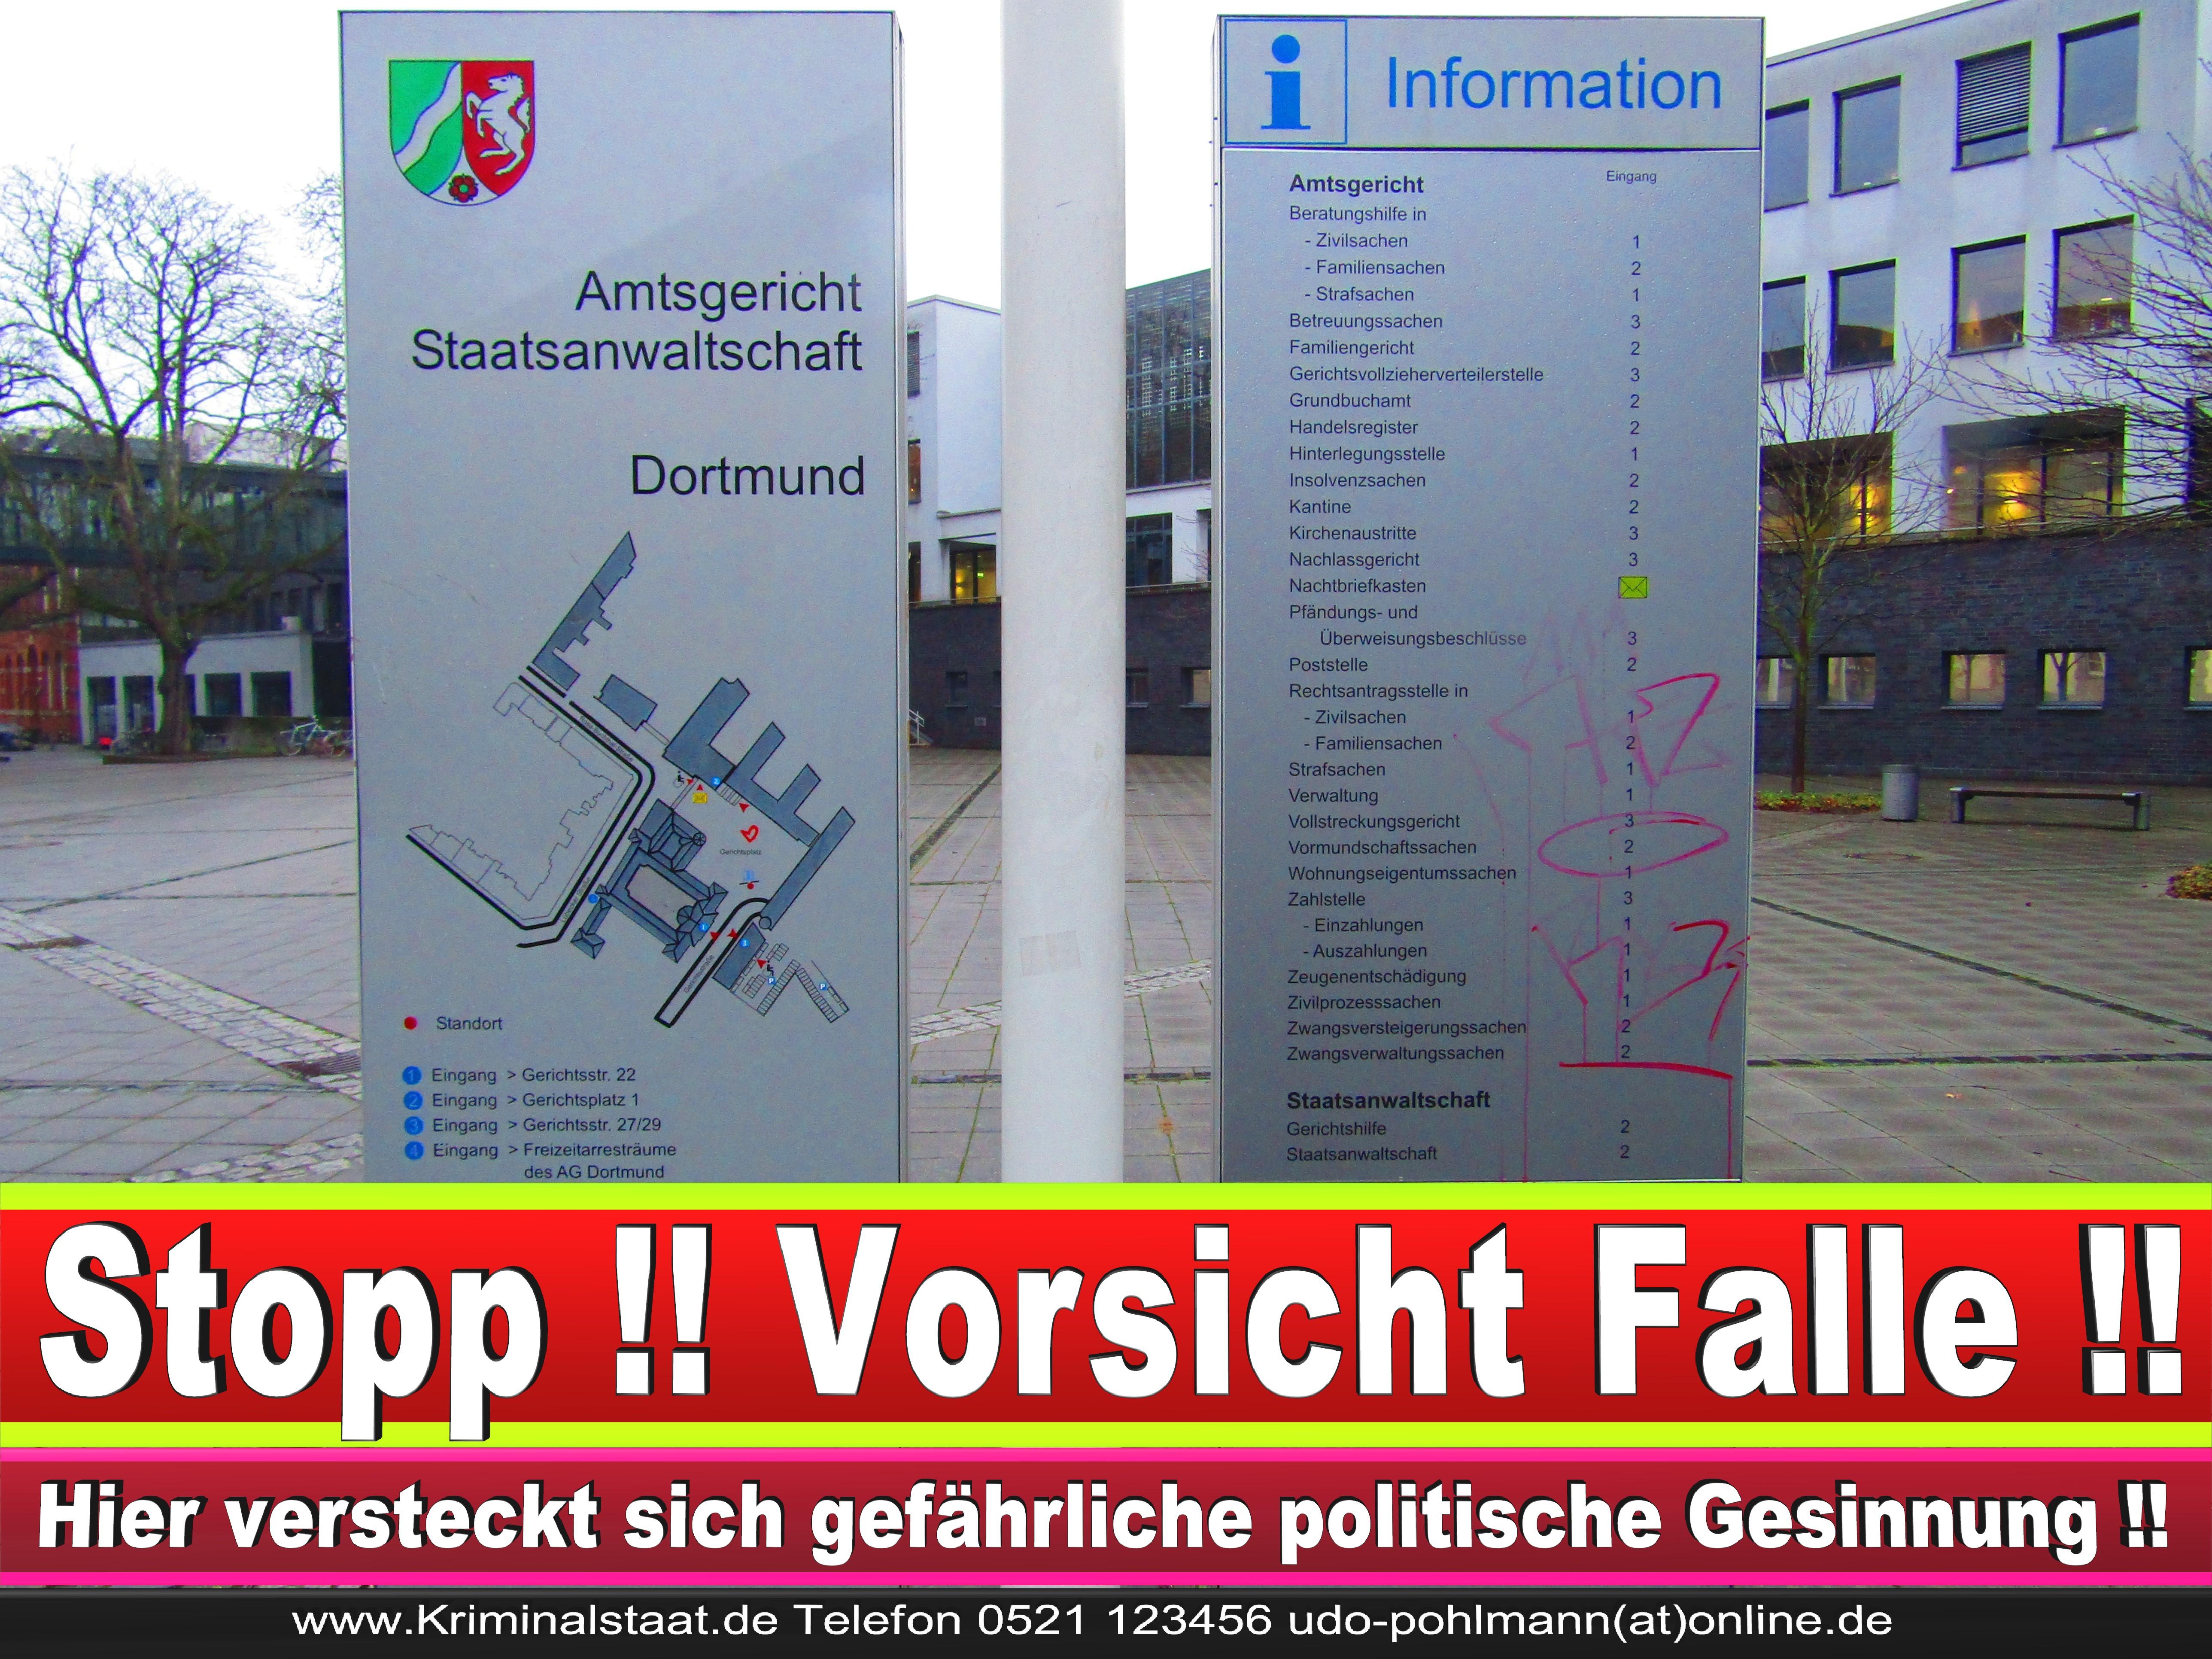 AMTSGERICHT DORTMUND RICHTER AUSBILDUNG PRAKTIKUM ANFAHRT URTEILE KORRUPTION POLIZEI ADRESSE DIREKTOR (14) 1 1